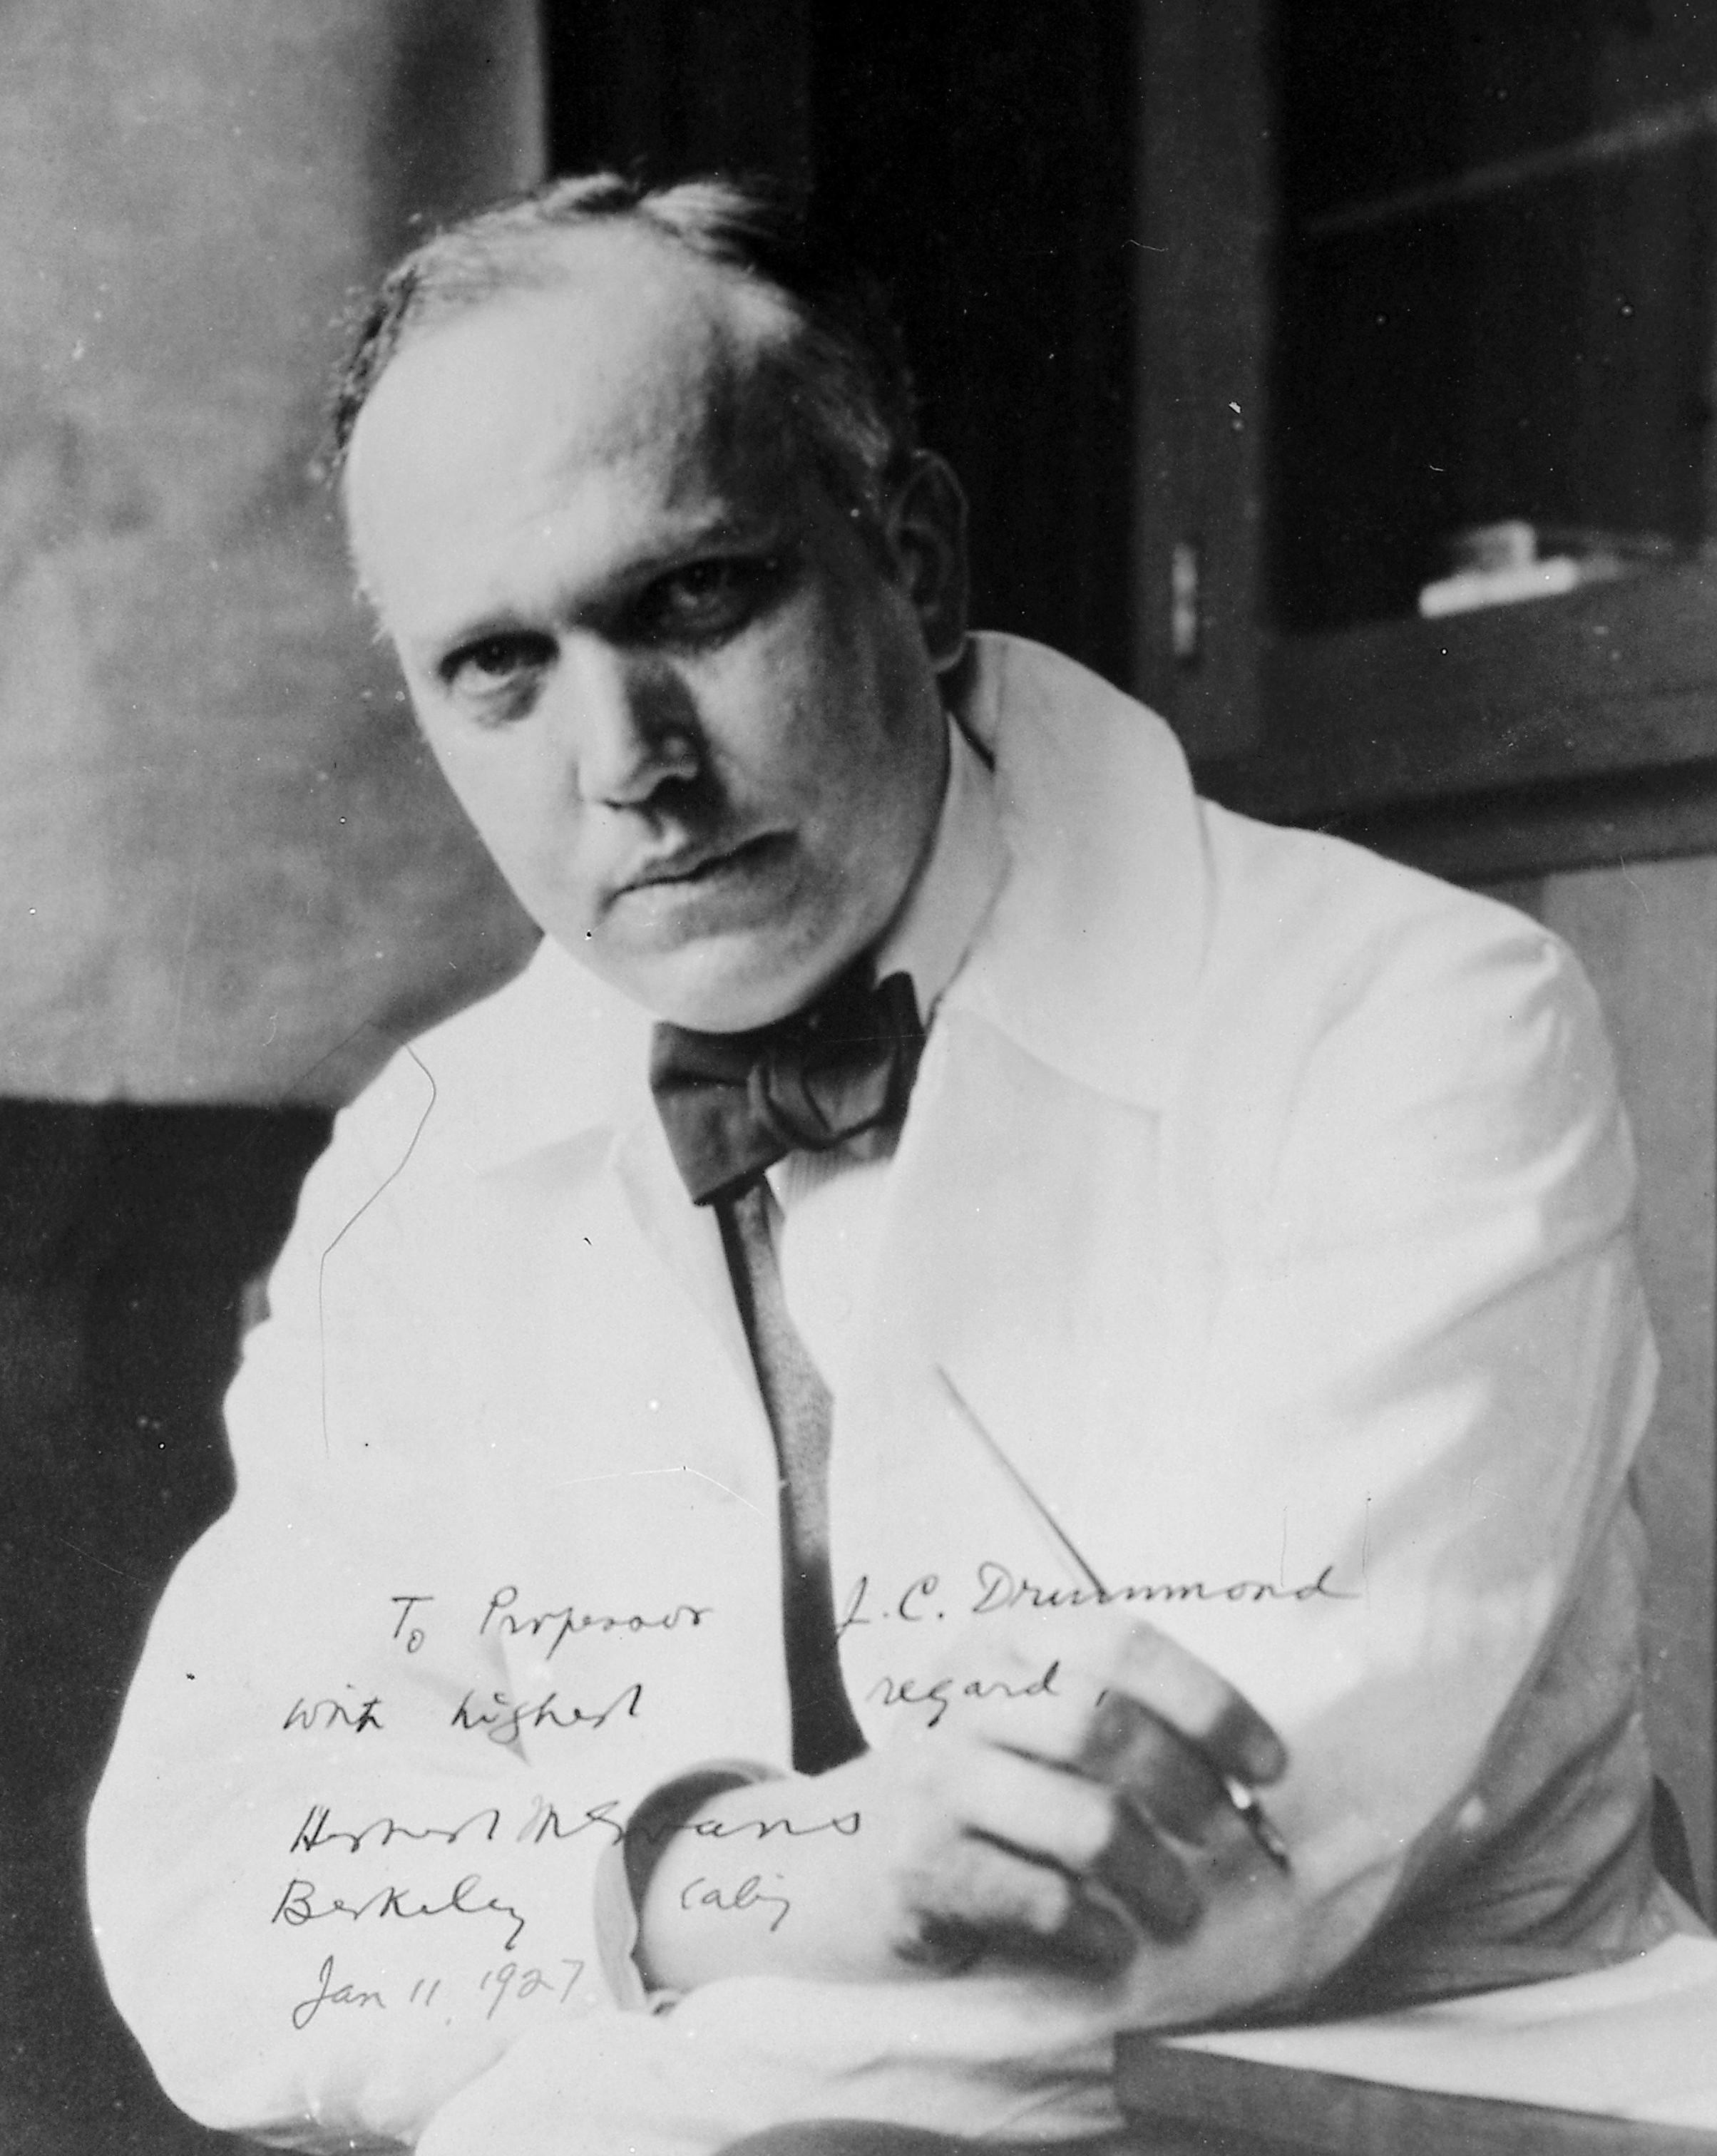 image of Herbert McLean Evans